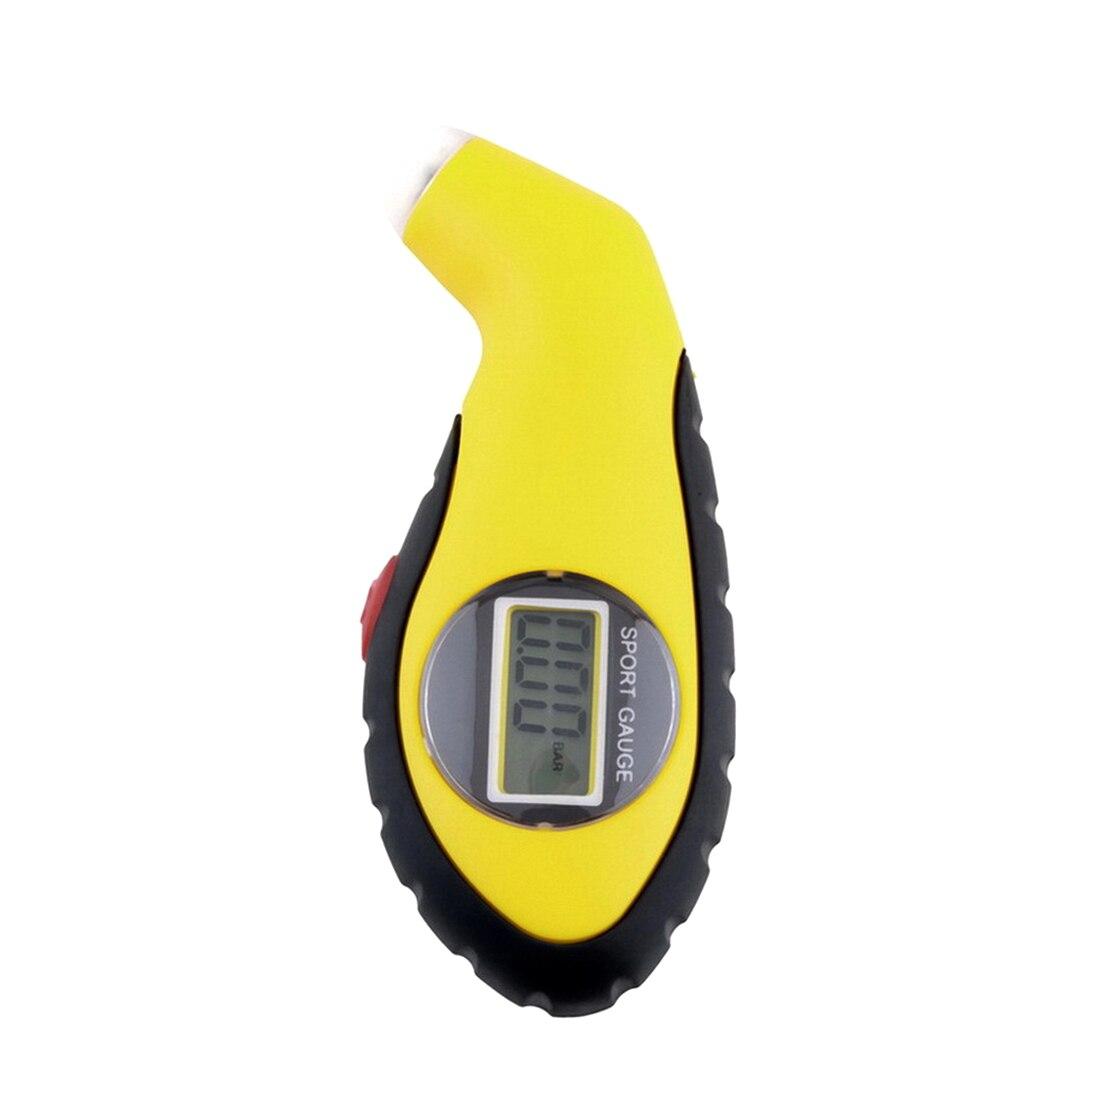 1 шт. ЖК-дисплей цифровой датчик давления воздуха для автомобильных шин манометр барометр тестер для автомобиля Грузовой автомобиль, мотоци...